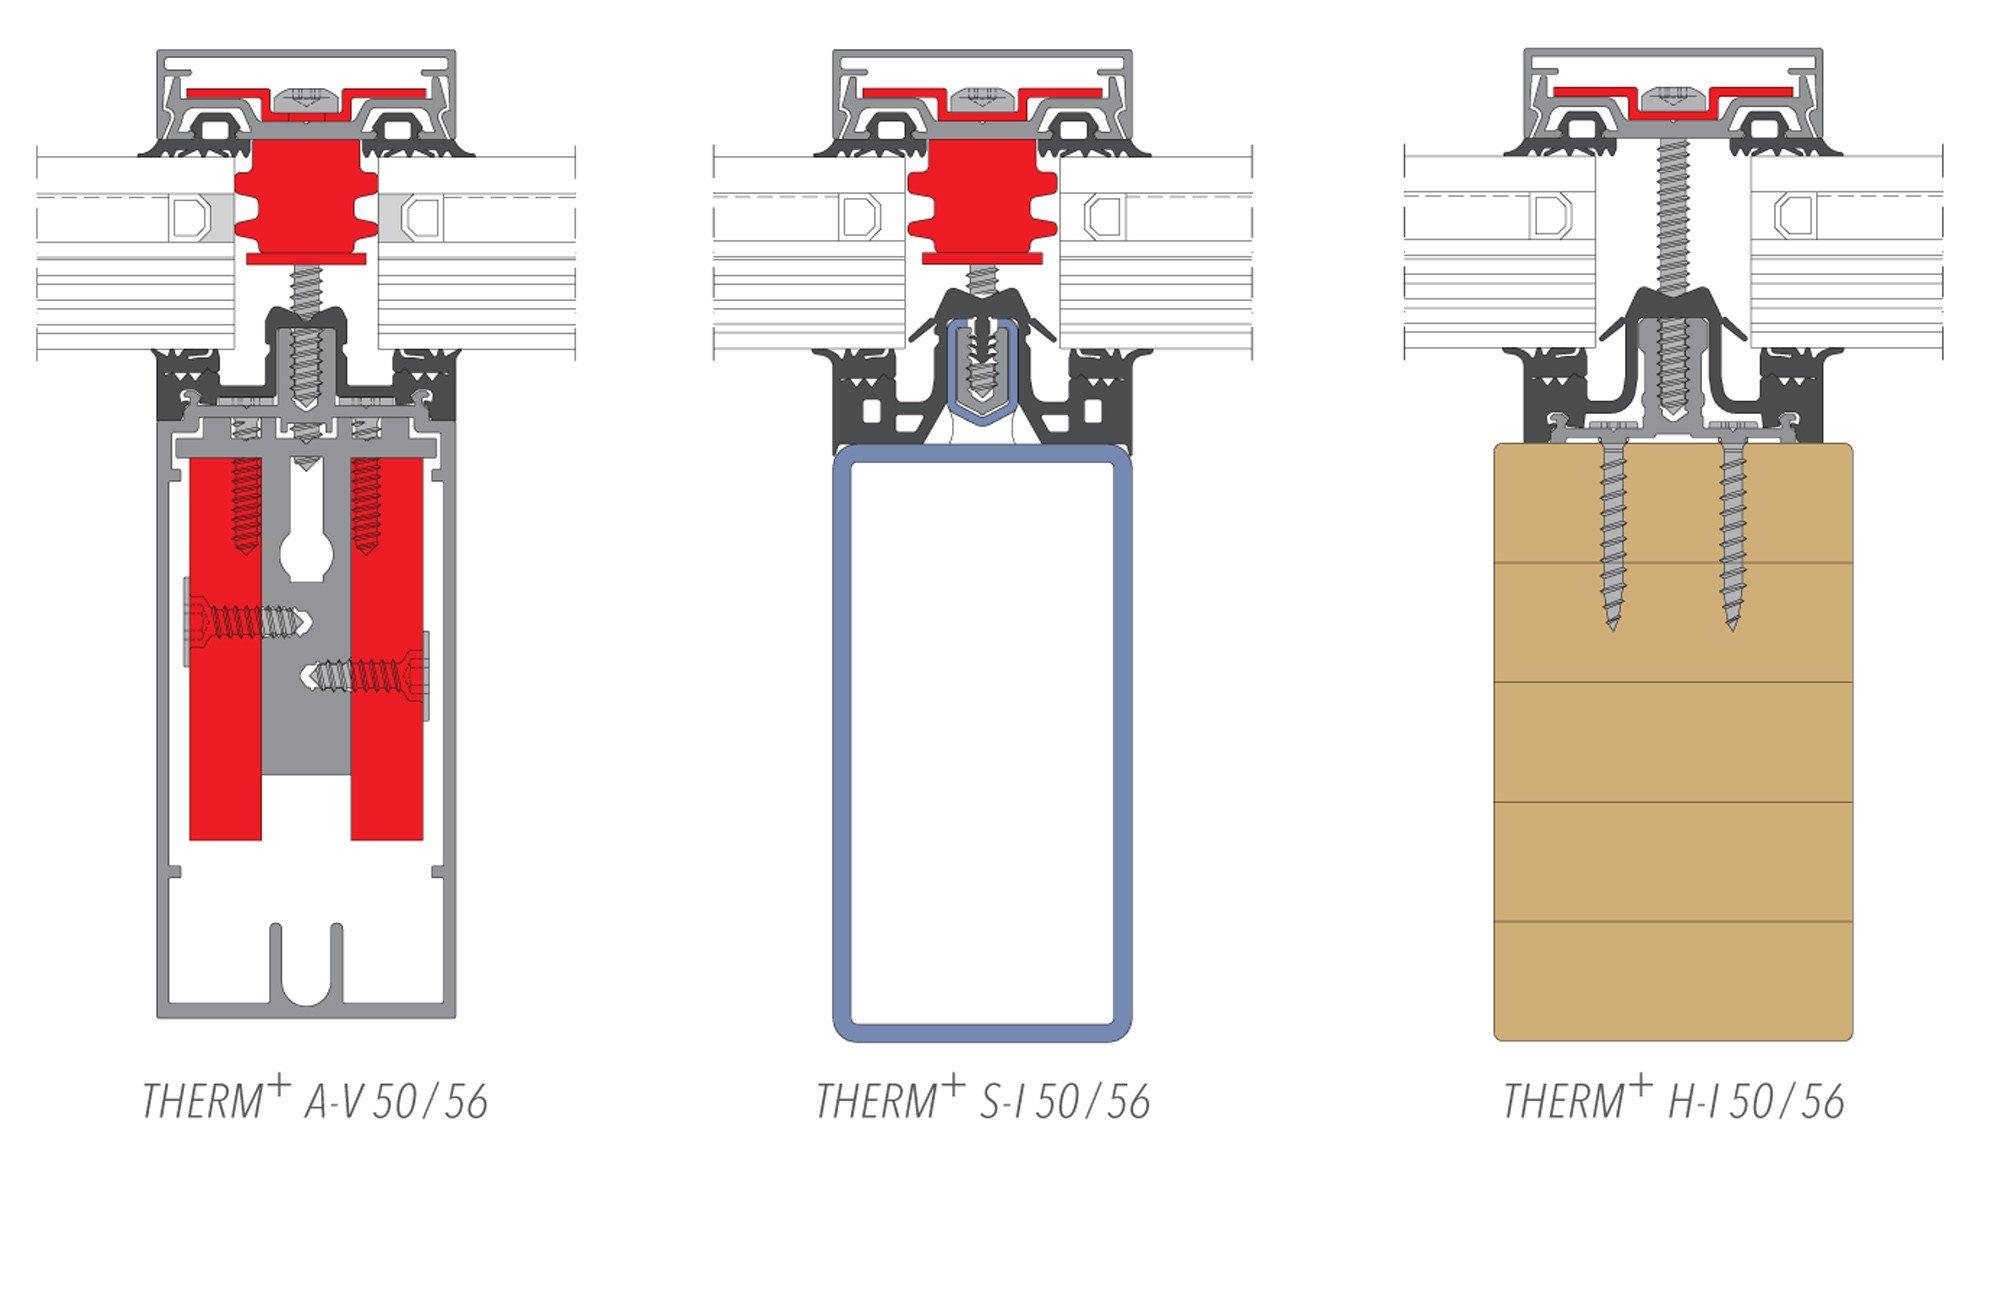 Holz HaustUr Technische Zeichnung ~ Technische Zeichnung Brandschutzausführungen aus Aluminium, Stahl